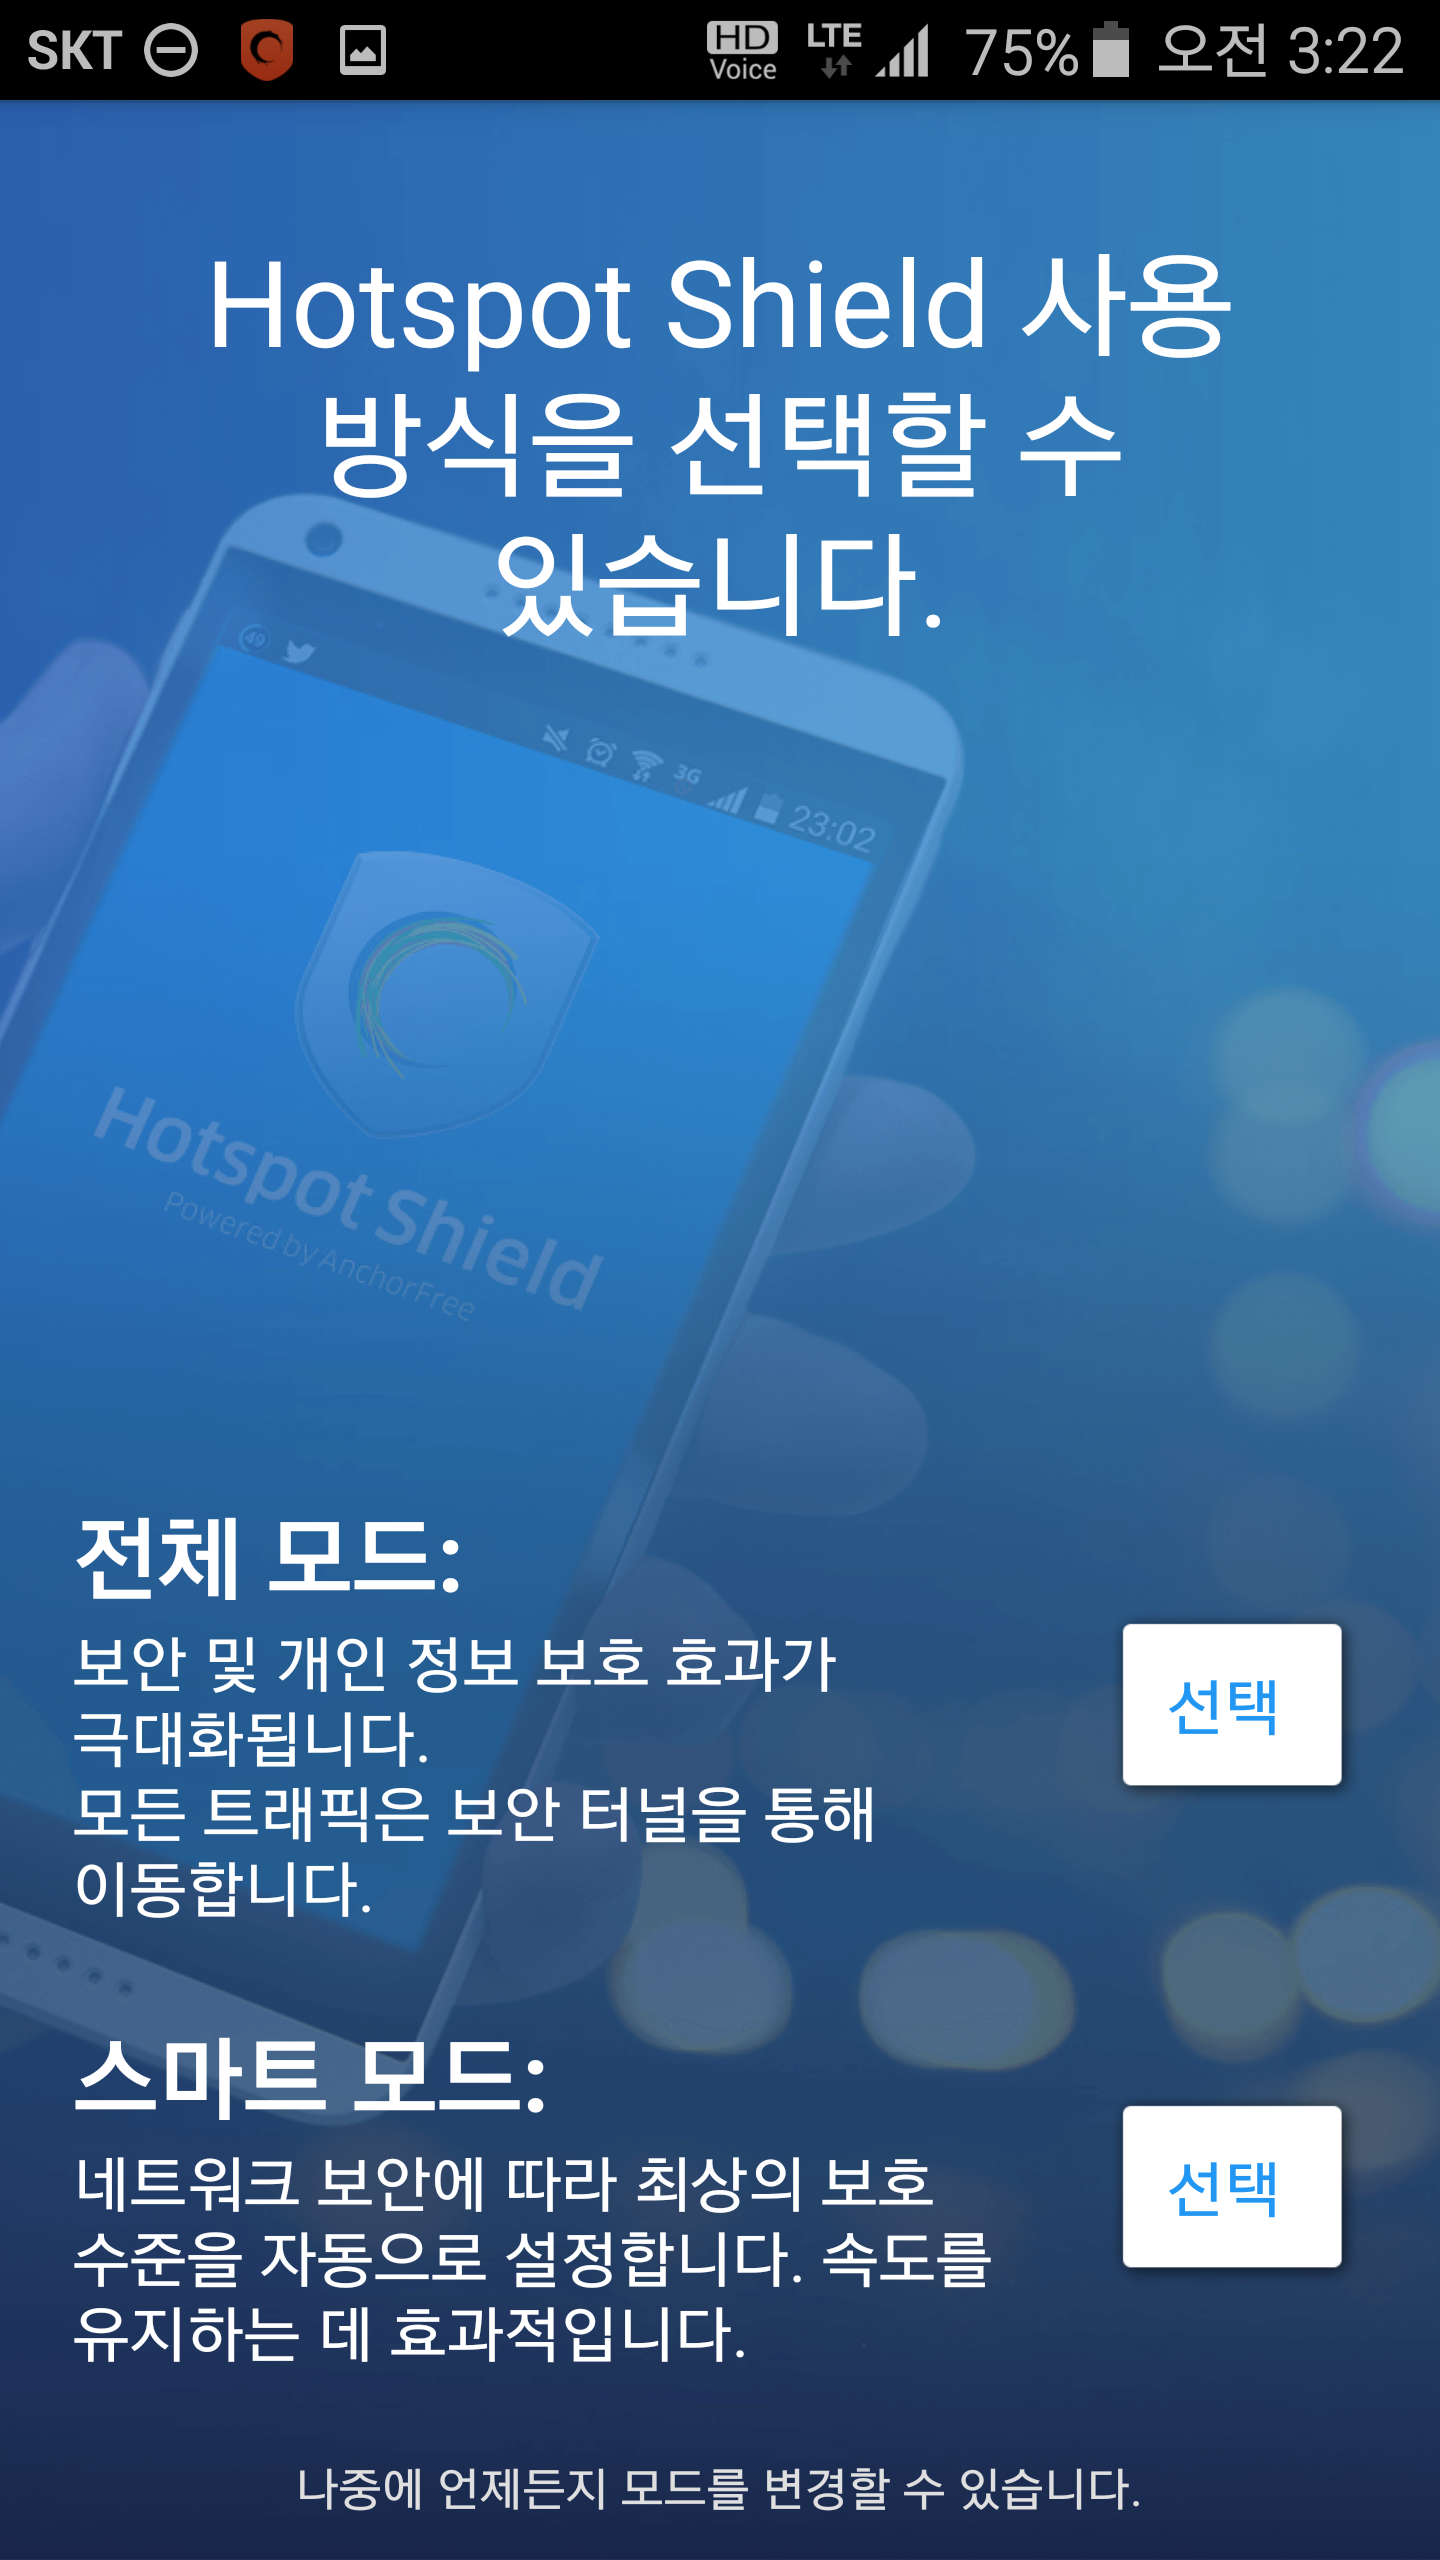 무료 VPN 프로그램 ,Hotspot Shield,핫스팟쉴드, PC, 스마트폰,IP우회,우회프로그램,유료 VPN,무료 VPN,VPN,VPN프로그램,IT,프로그램,무료 VPN 프로그램 Hotspot Shield 핫스팟쉴드를 이용해서 PC 스마트폰의 공개된 WiFi를 좀 더 안전하게 사용하는 방법을 소개 합니다. 기본적으로는 무료이며, 좀 더 많은 기능을 사용할 때에는 유료로 기능을 모두 다  사용할 수 있습니다. 안정적으로 쓸만한 무료 VPN 프로그램 Hotspot Shield 기능에 대해서 살펴볼텐데요. 스마트폰에서도 검색을 통해서 앱을 설치해서 보호할 수 있습니다. 데스크탑이나 노트북에서도 설치해서 보호할 수 있죠. VPN 프로그램은 기본적으로 공용 와이파이 사용시 안전하게 인터넷 트래픽을 이용할 수 있도록 암호화 및 자체 VPN 기술을 제공 합니다. 카페나 공항 등에서 공용 WiFi를 사용할 때 개인정보가 유출 될 수 도 있죠. 실제로 방송에서도 간단하게 사용자가 많은 공간에서 스마트폰의 정보를 빼내는것을 시연한 적이 있었는데요. 이것은 보안이 되지 않는 공용 WiFi를를 사용 할 때 취약한 보안을 이용하는것인데 이것을 막기 위해서도 VPN 프로그램을 활용할 수 있습니다.물론 다른 목적으로도 사용될 수 있습니다. 차단이 된 사이트에 다른 나라에서 접속하는 형태를 취해서 접속을 할 수 있습니다. 유튜브 영상 중 특정 나라에서 재생이 안되도록 블럭을 해둔 경우 이것을 해제하는 것이 가능 합니다. IP를 우회하는 방법으로 사용할 수 있죠. 물론 이런 기능 외에 ID 도난 방지를 하거나 익명성을 보장하고 맬웨어 보호하는 역할로도 사용할 수 있습니다. 필요할 때에만 켜고 끌 수 있어서 안전하게 사용할 수 있죠.